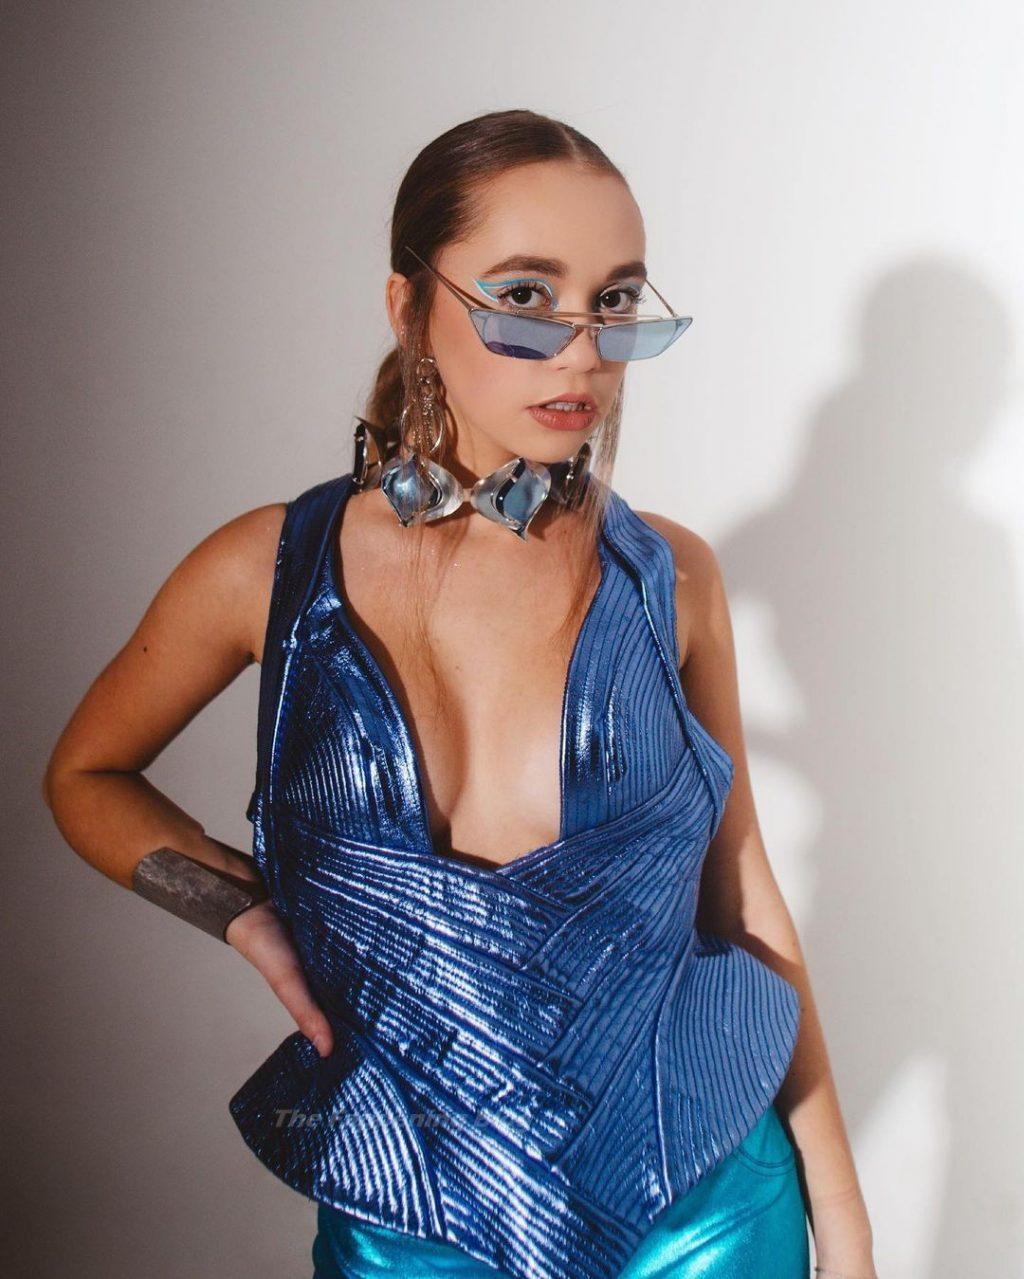 Jillian Shea Spaeder Sexy (8 Photos)